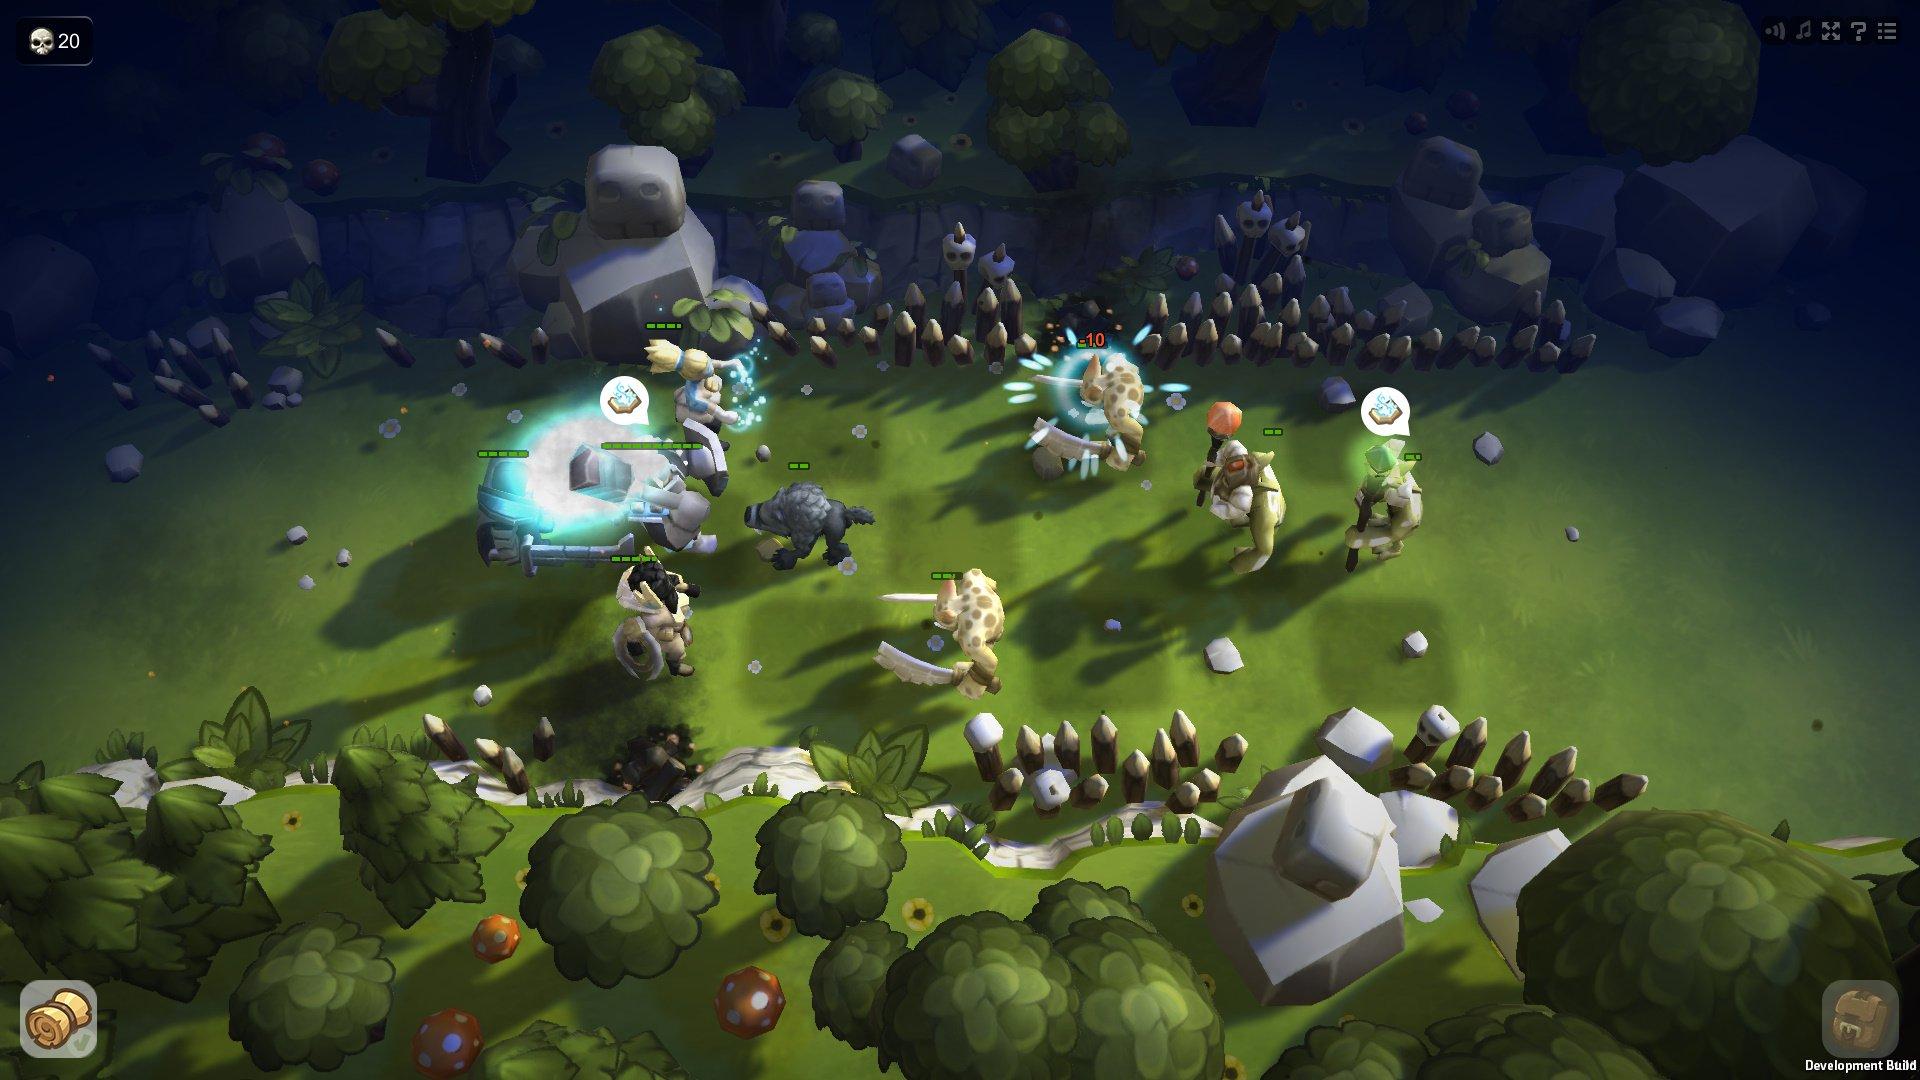 Команда инди-разработчиков Battlecruiser Games запустила свою первую игру Guards на Steam Greenlight. Поддержите н ... - Изображение 3